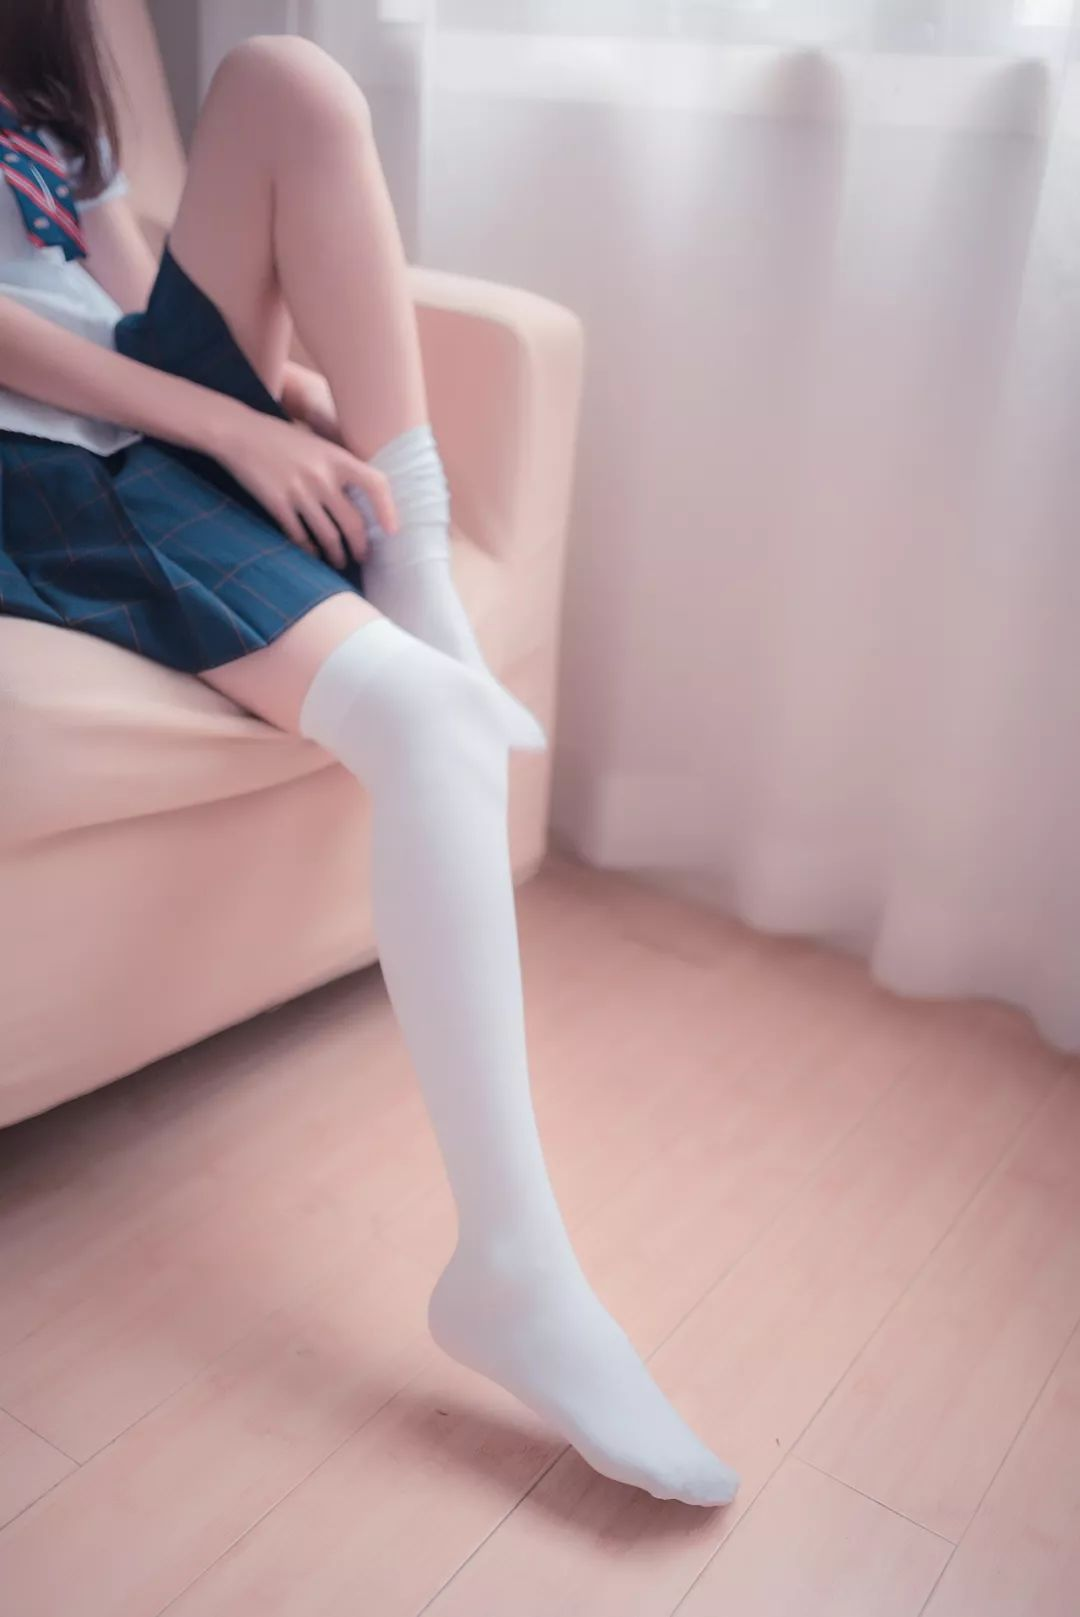 妹子摄影 – 湿透的白丝袜美腿_图片 No.5